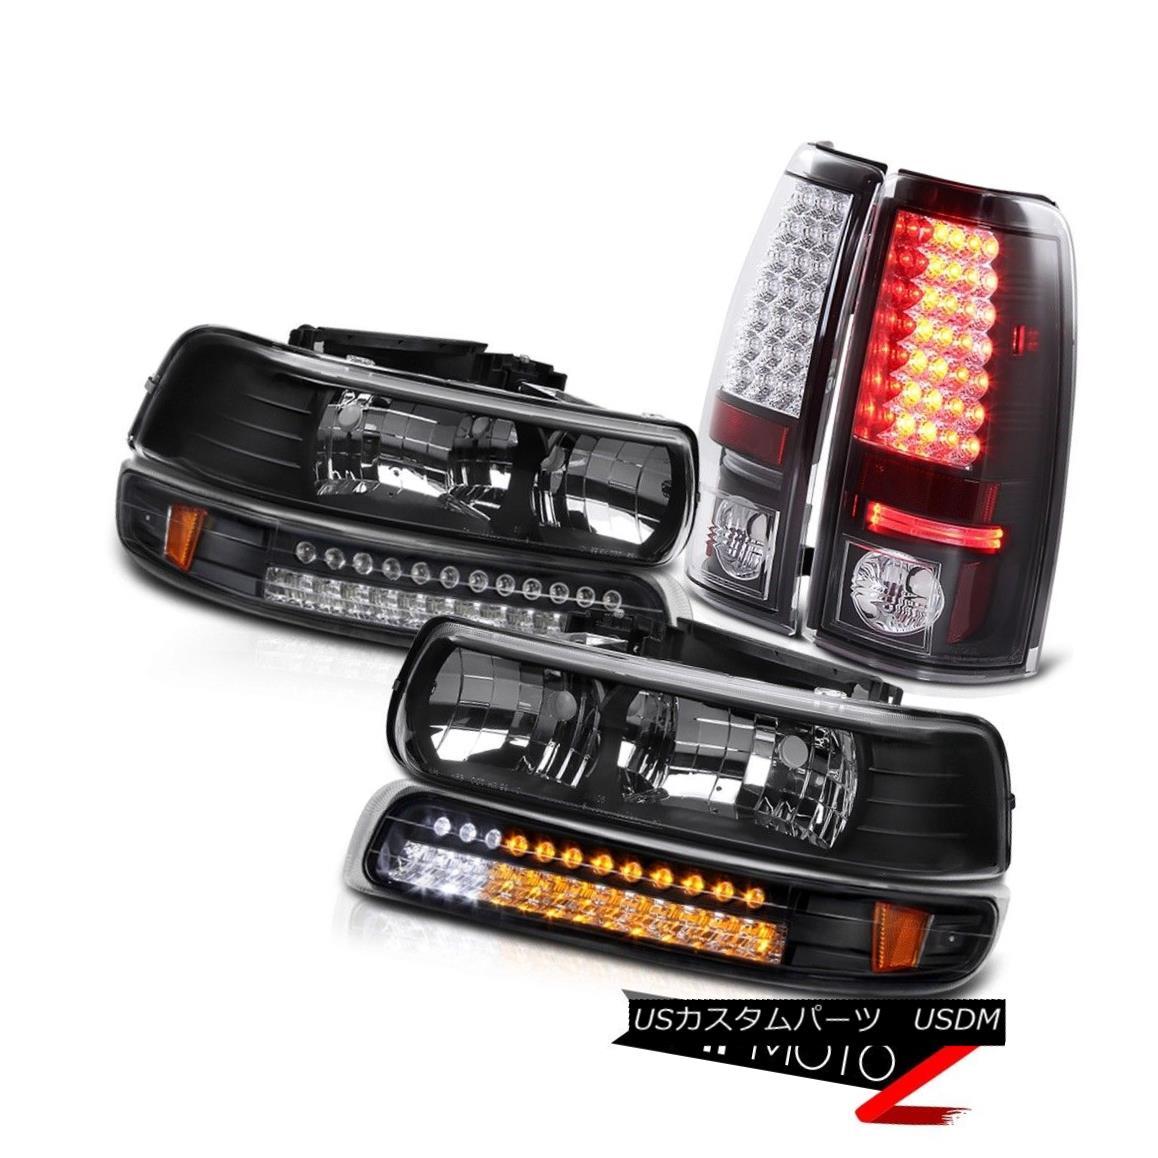 テールライト 99-02 Chevy Silverado BLACK LED Brake Taillamp DRL Signal Bumper Head Light Lamp 99-02シボレーシルバラードBLACK LEDブレーキテールランプDRL信号バンパーヘッドライトランプ